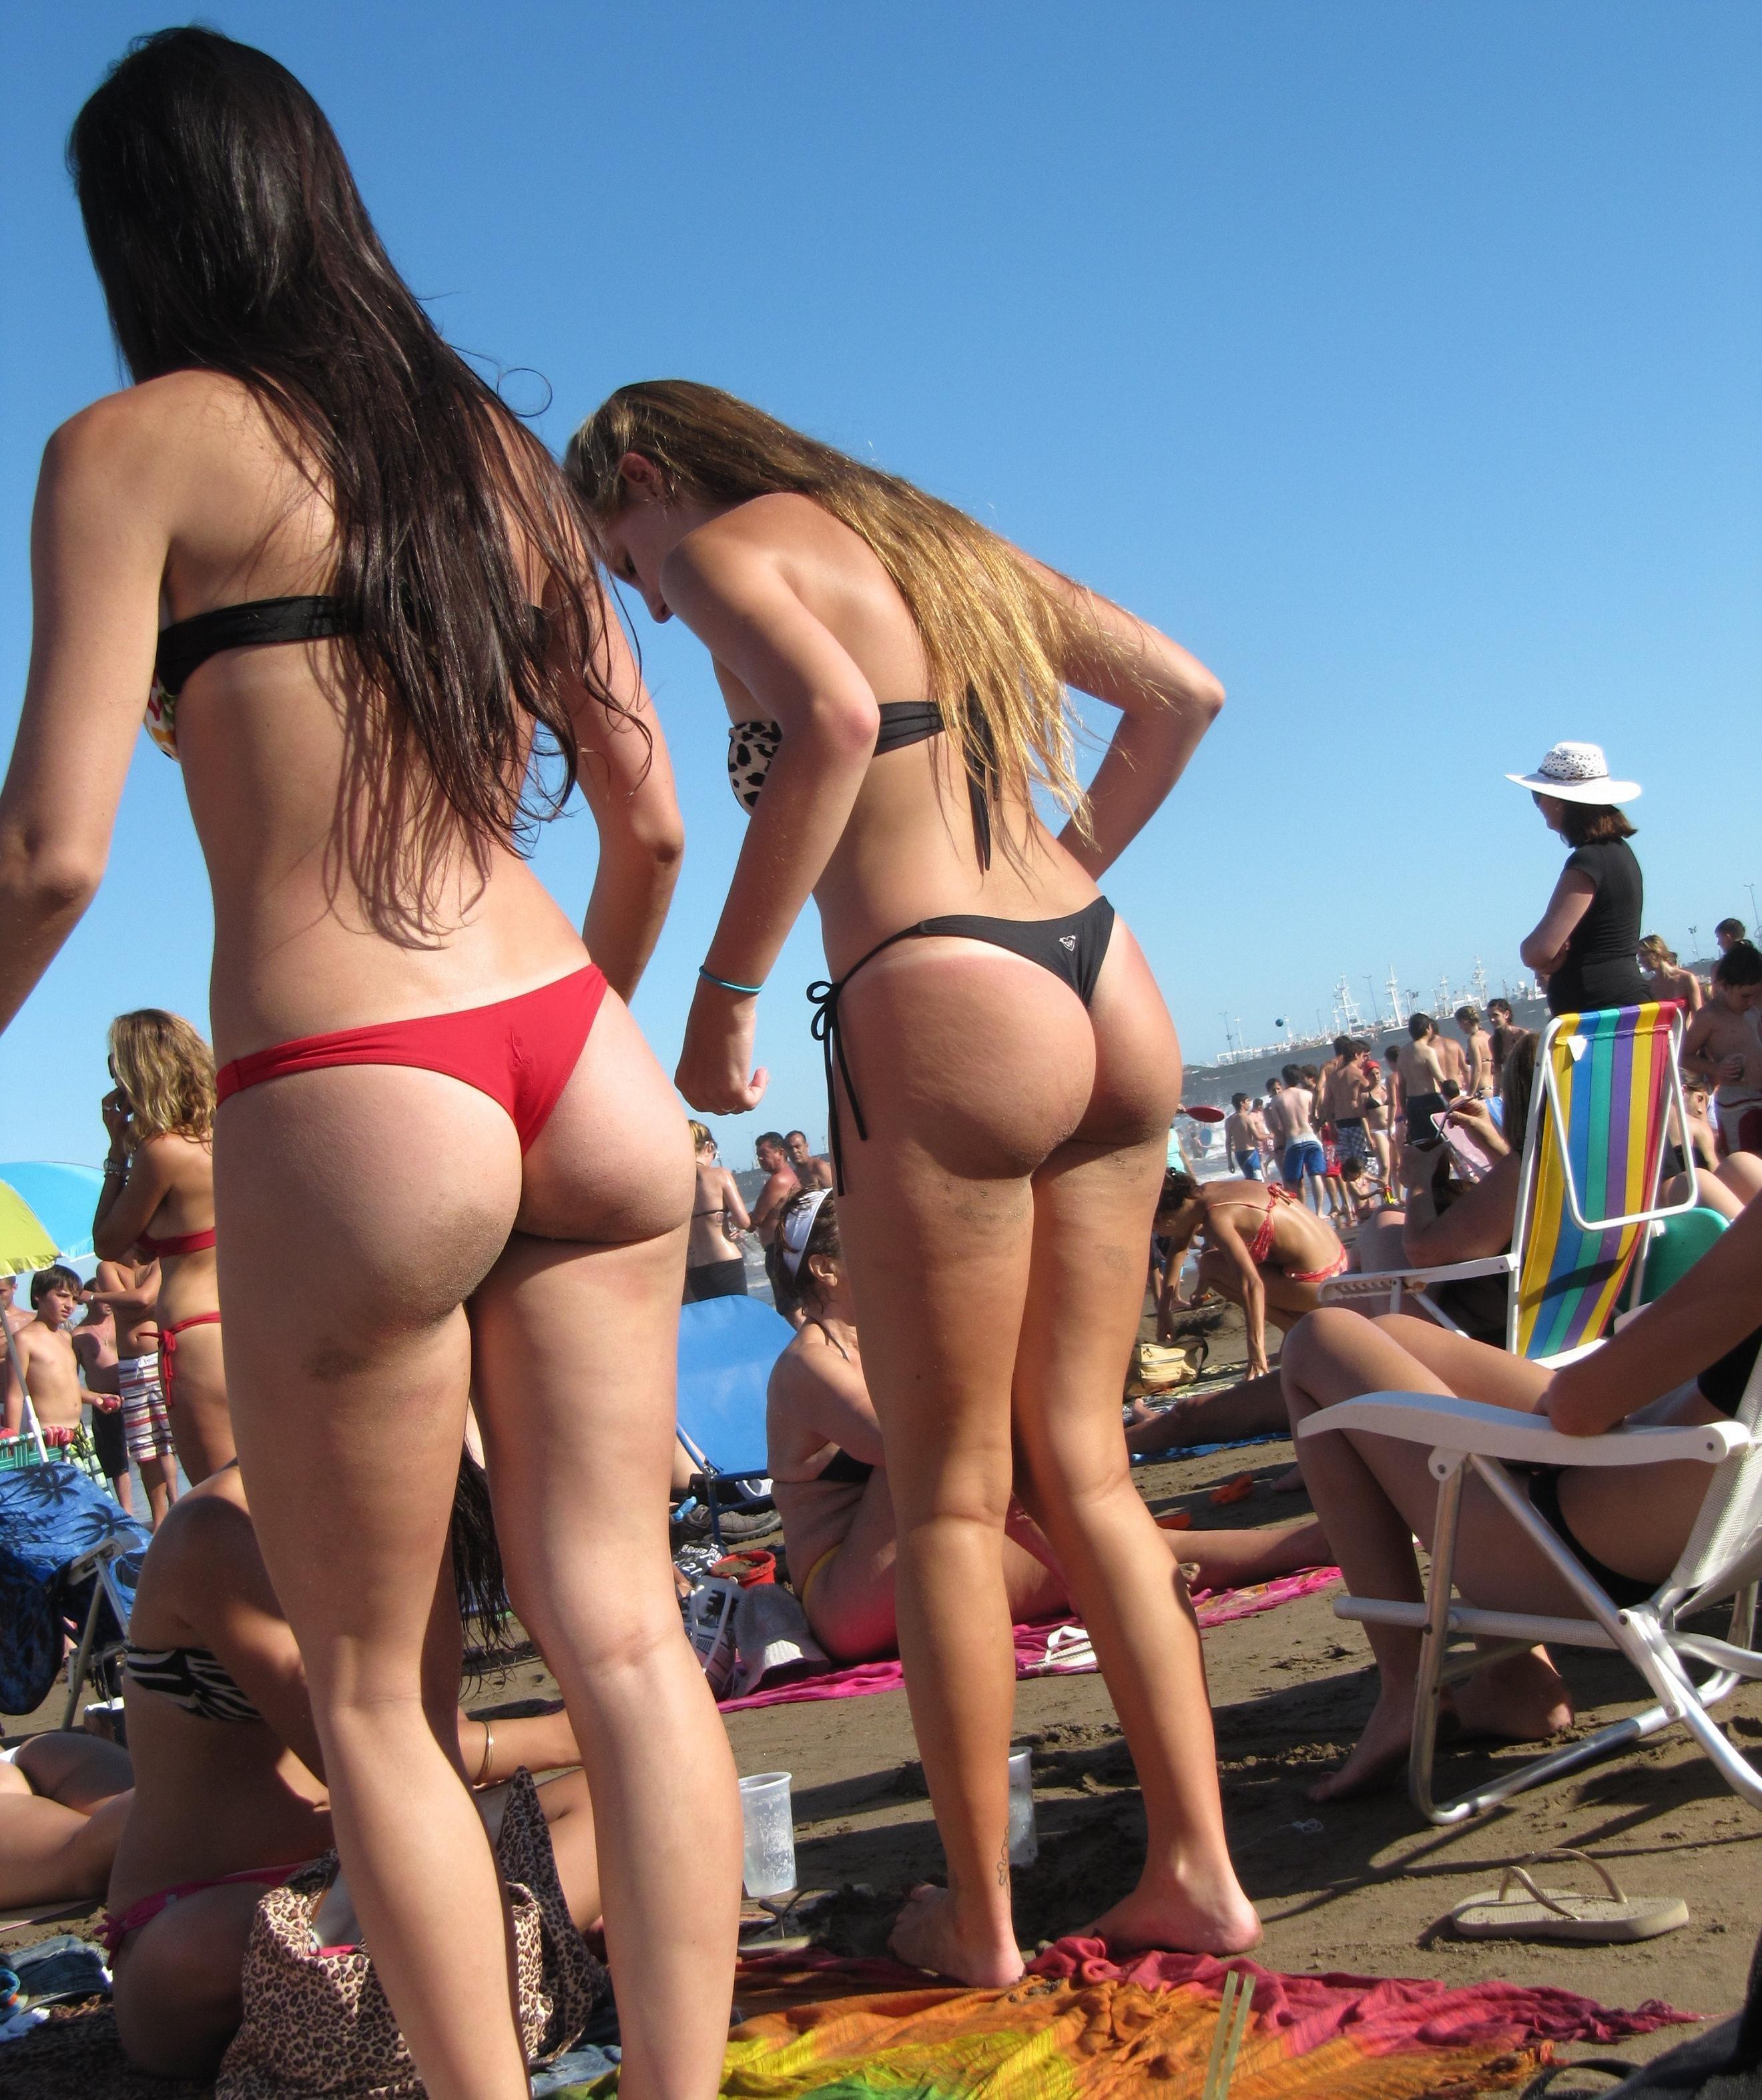 Vid sexy arab sex bikini poto want